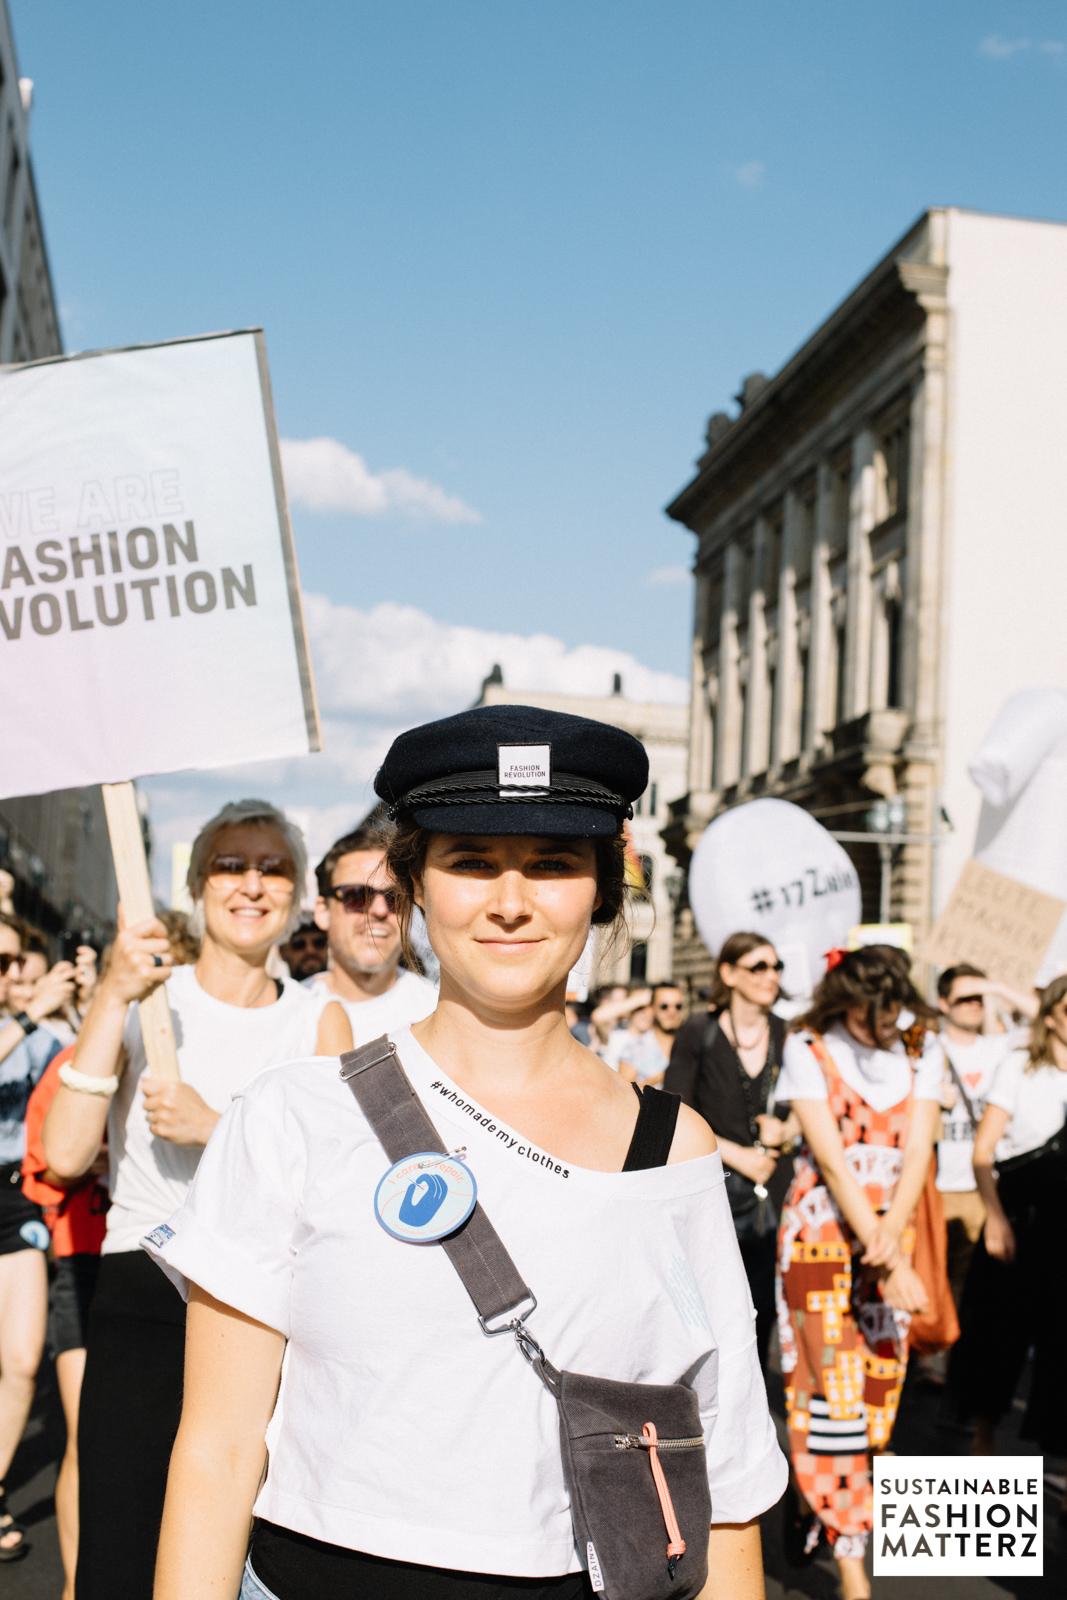 fashion-revolution-berlin-2019-84.jpg